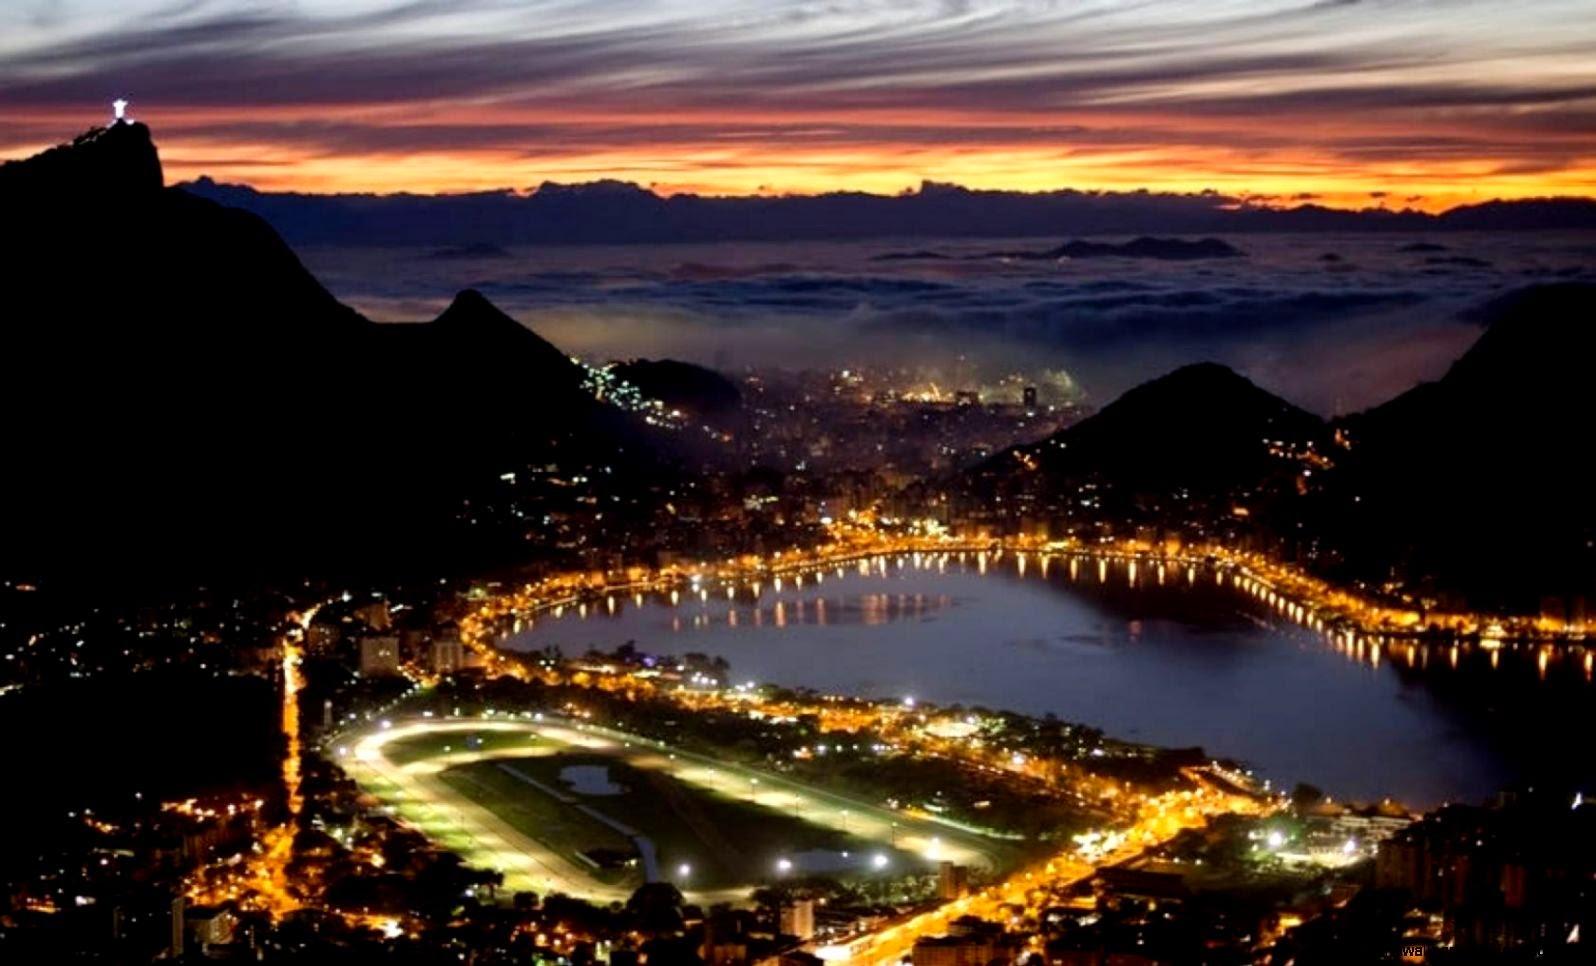 Rio De Janeiro Wallpaper Photography | Best HD Wallpapers